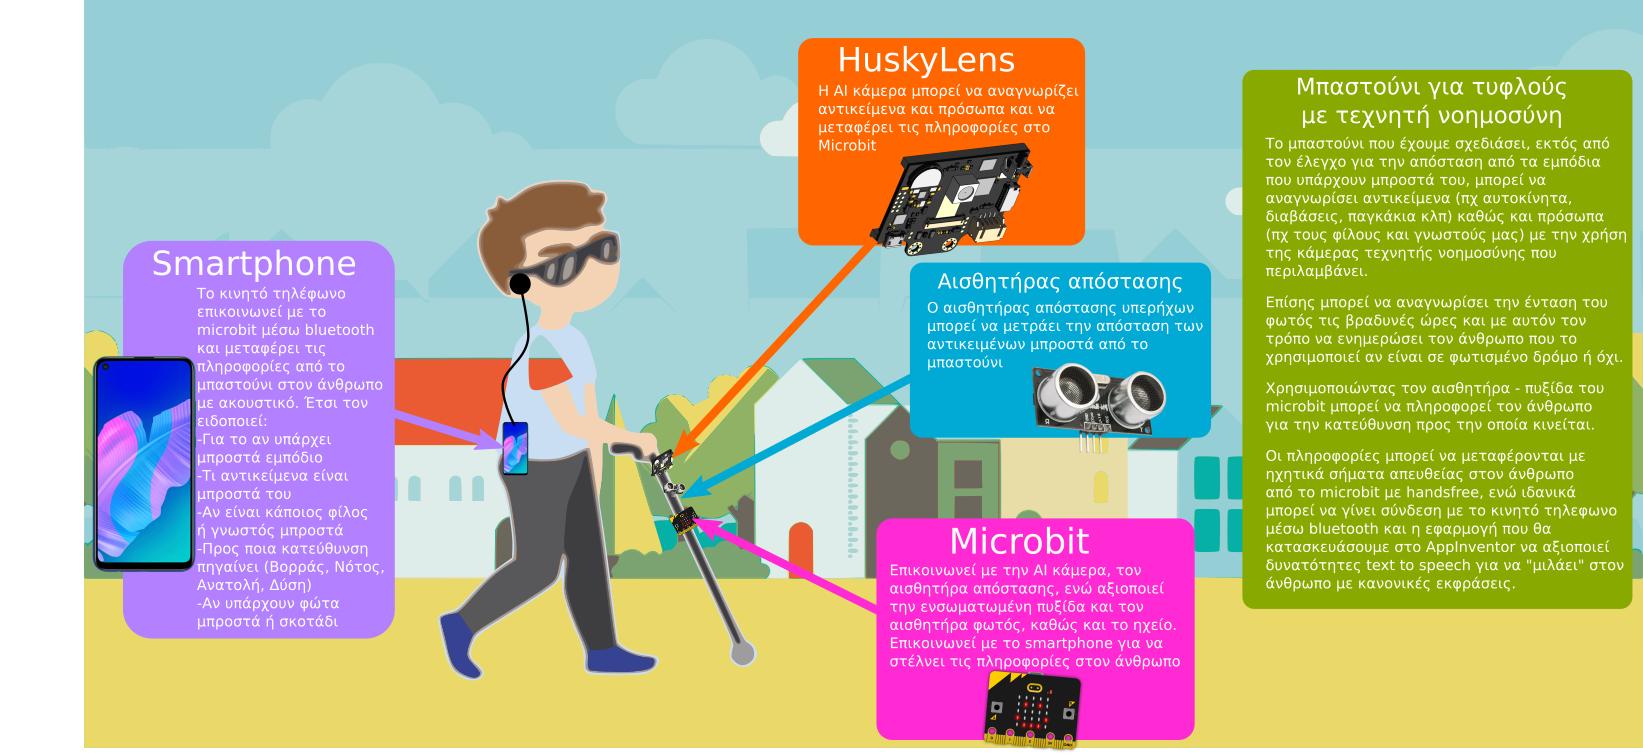 Μπαστούνι με τεχνητή νοημοσύνη για άτομα με προβλήματα όρασης